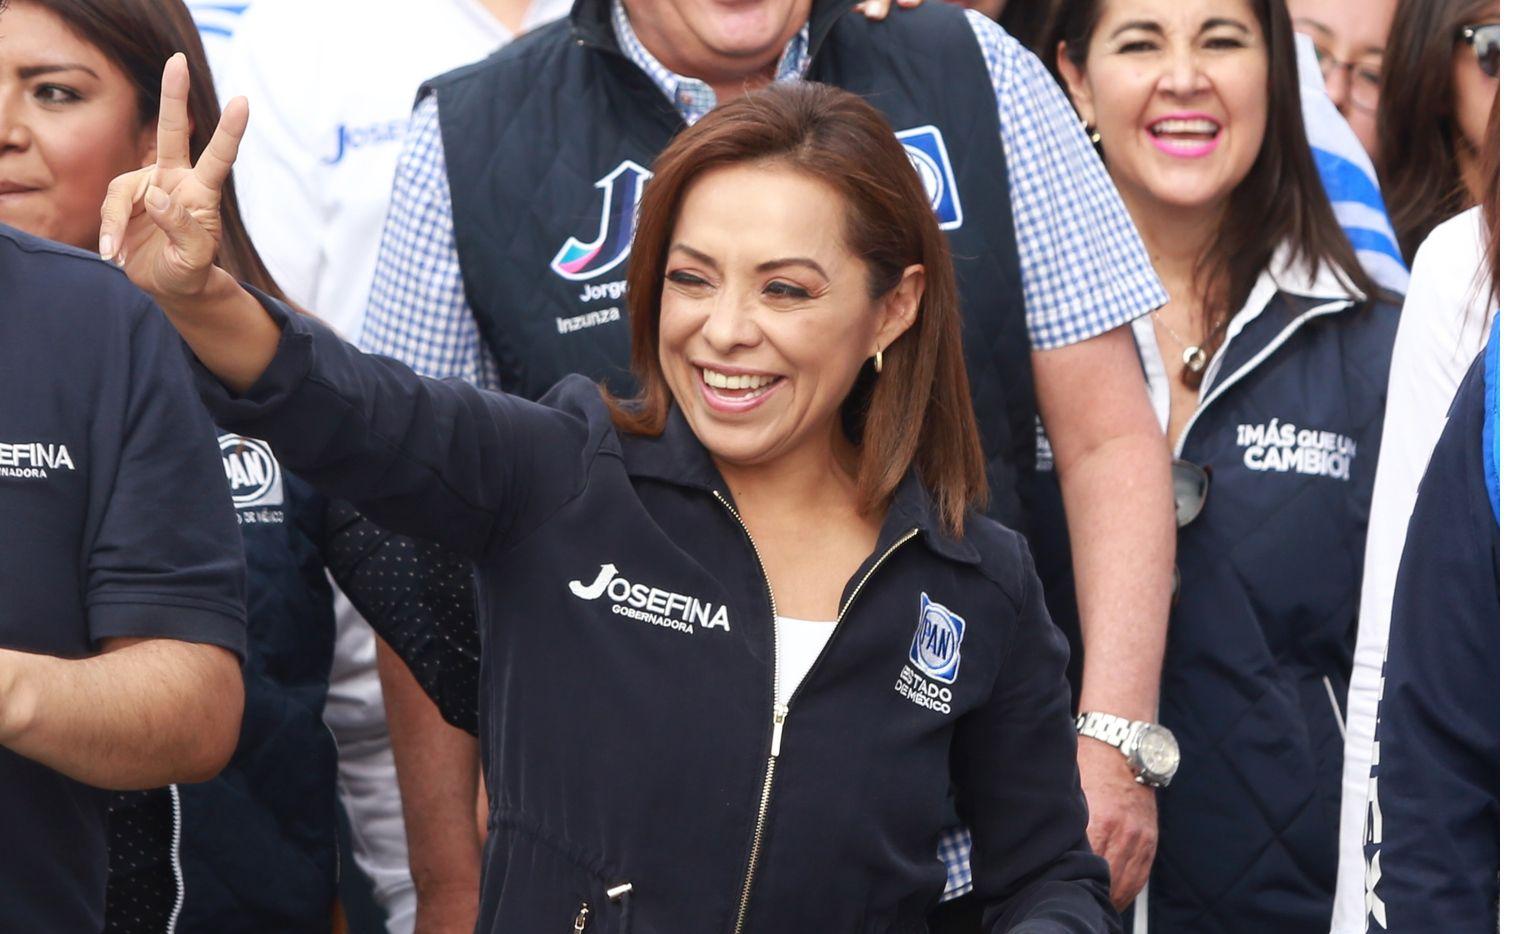 osefina Vazquez Mota (foto) explicó, durante un foro organizado por el comité estatal del PAN en Querétaro, que la noche anterior a su segundo debate con Peña Nieto, López Obrador y Gabriel Quadri Fox le previno que apoyaría a otro candidato.